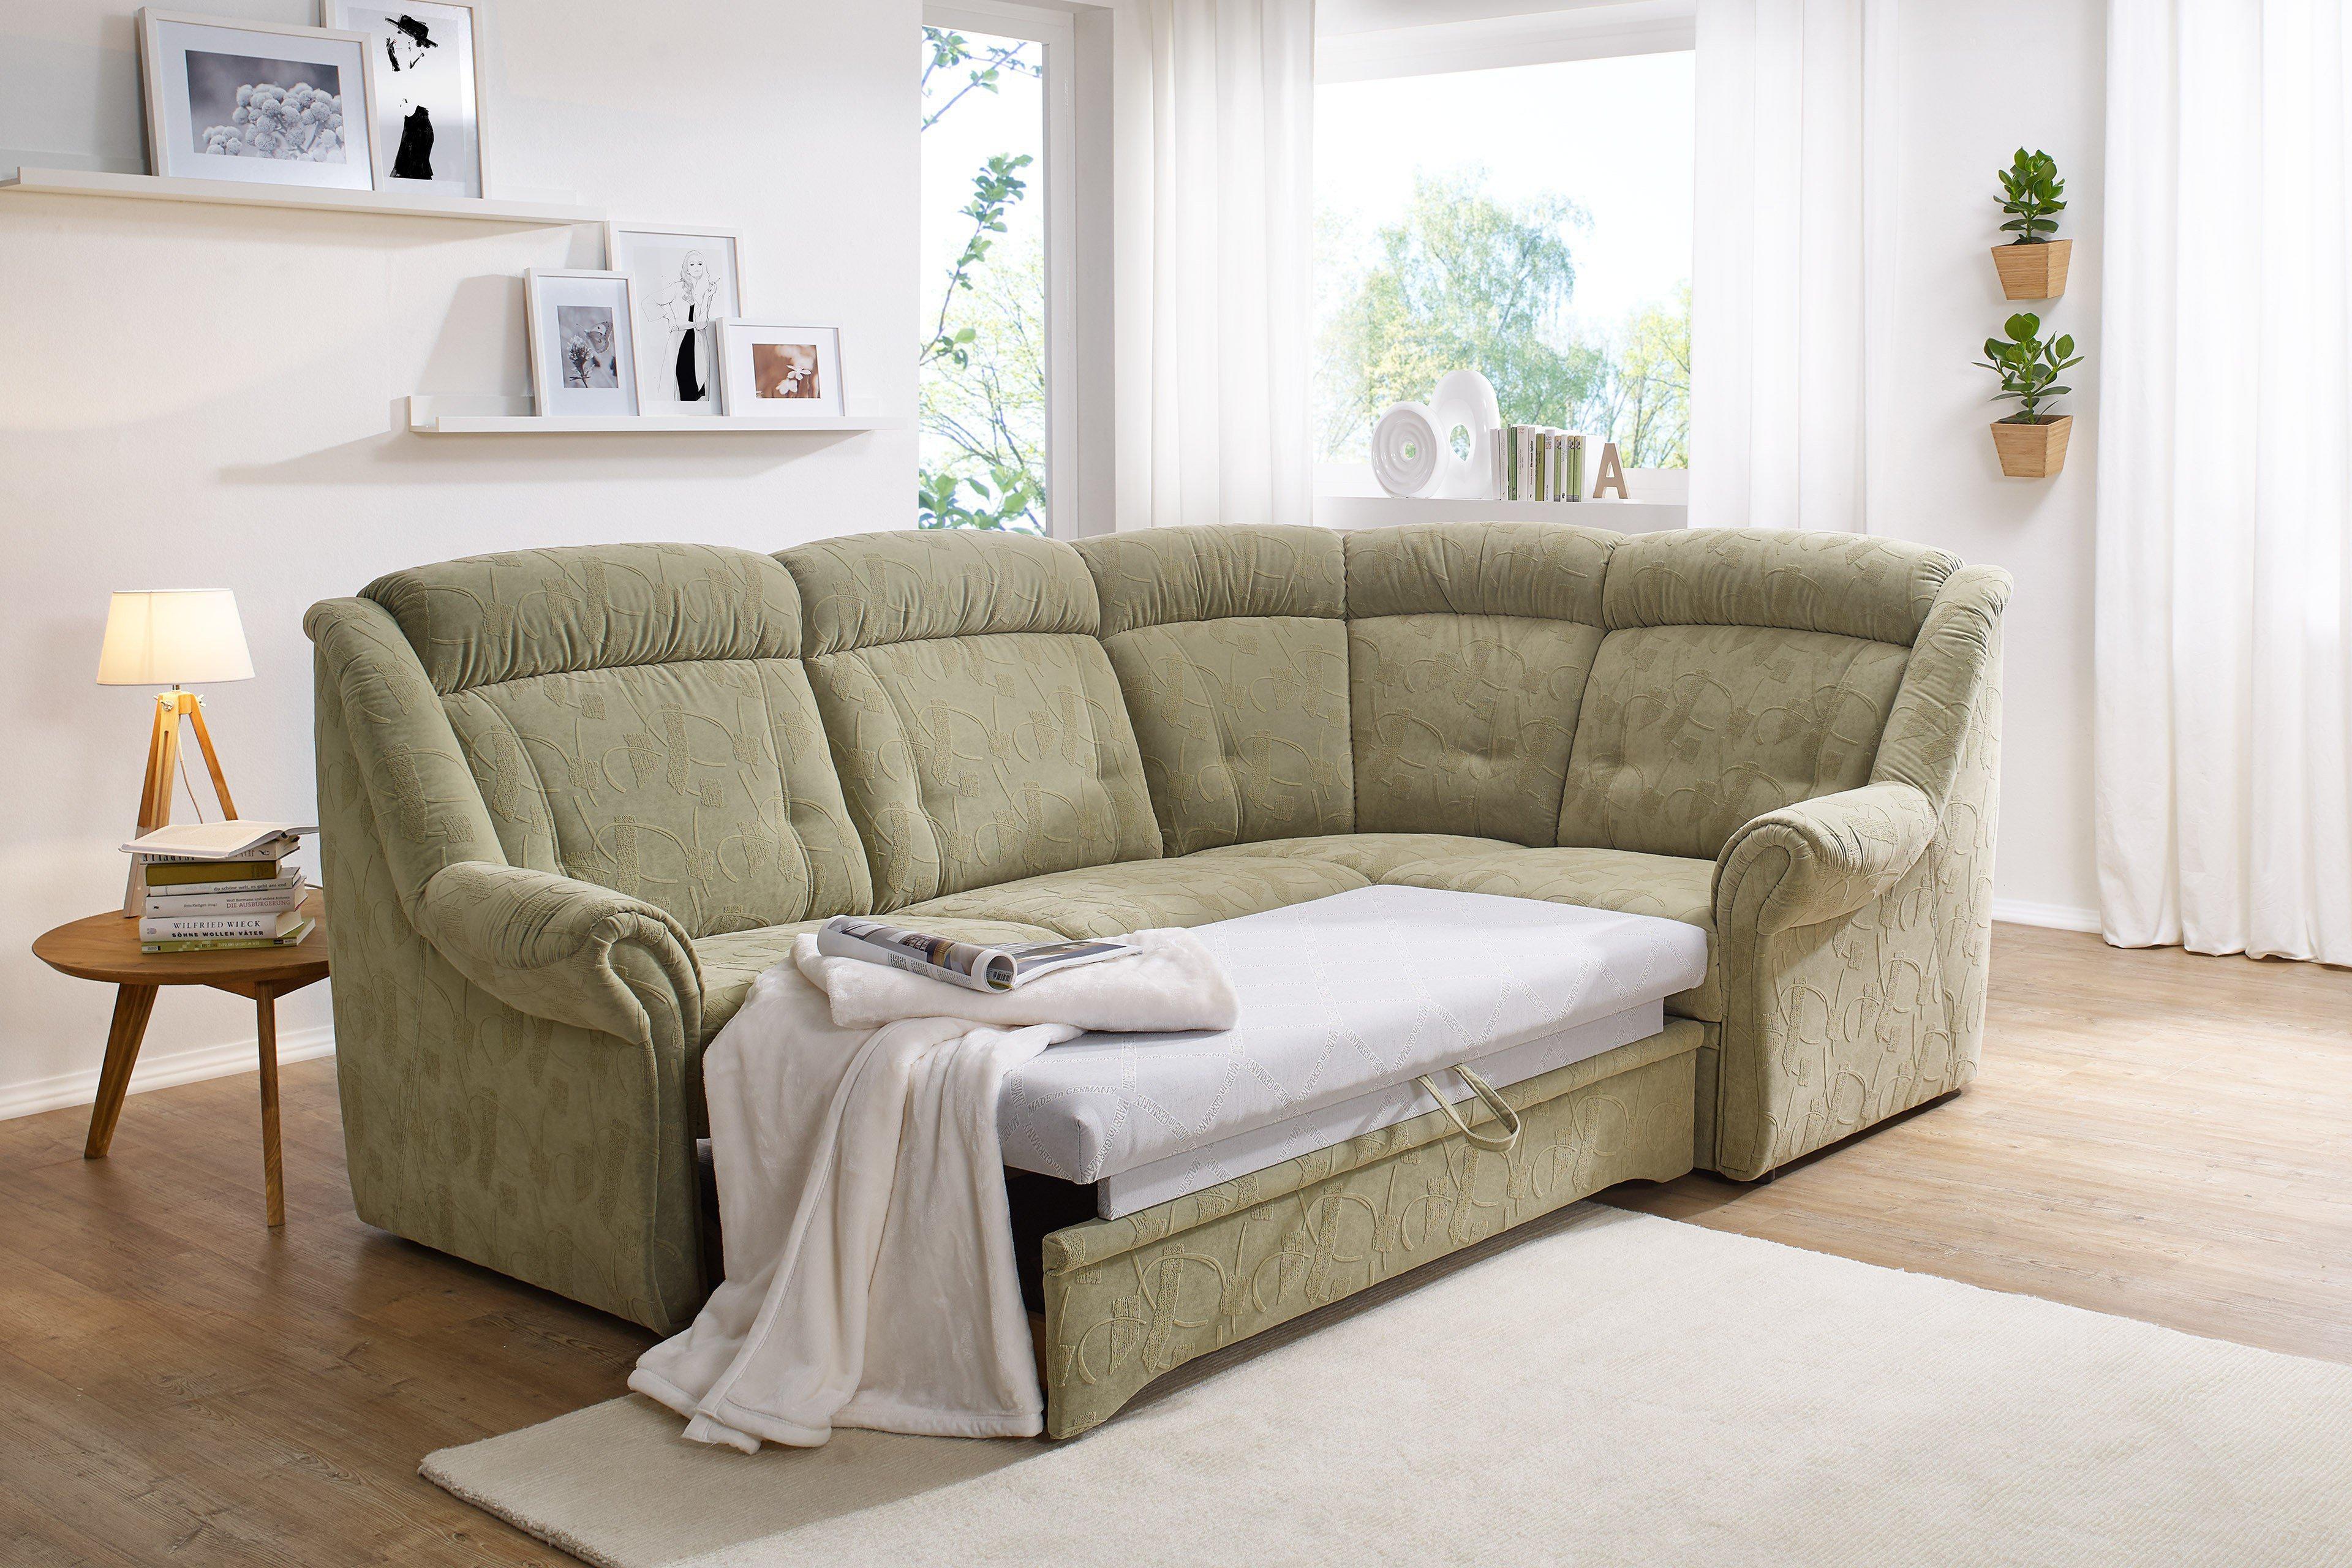 Dietsch Bernau Eckgarnitur In Grün Möbel Letz Ihr Online Shop